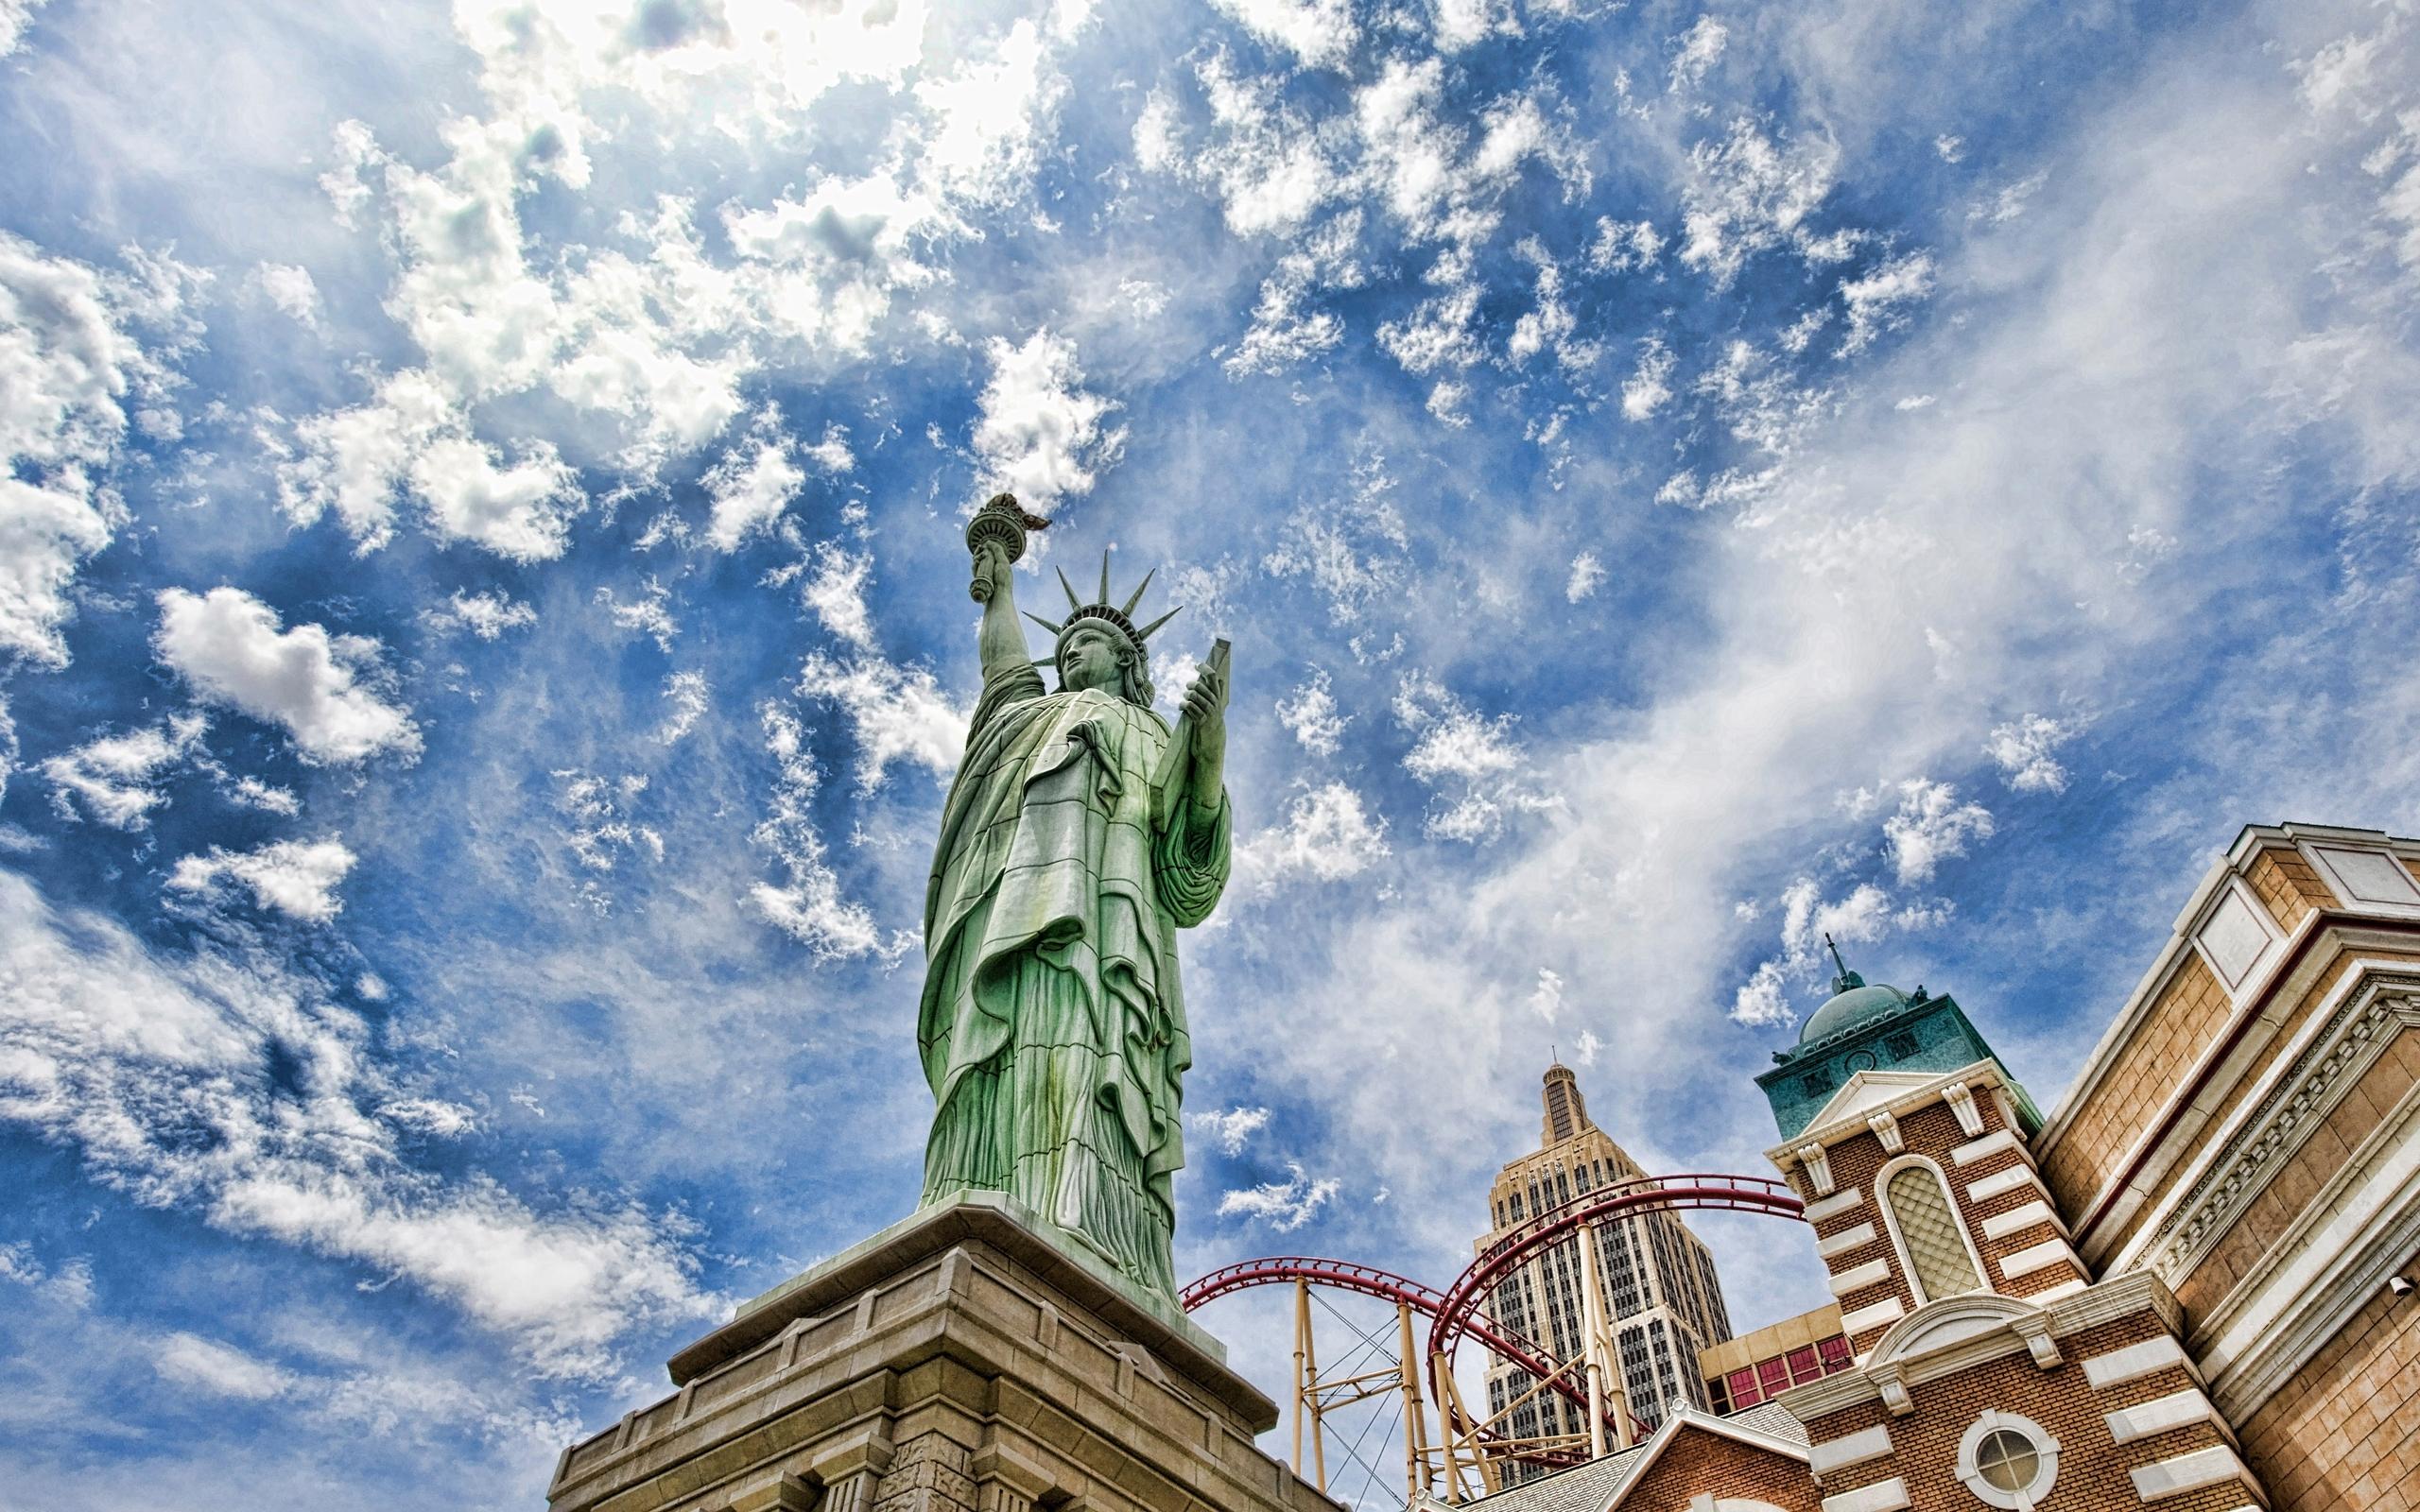 30441 скачать обои Архитектура, Статуя Свободы - заставки и картинки бесплатно